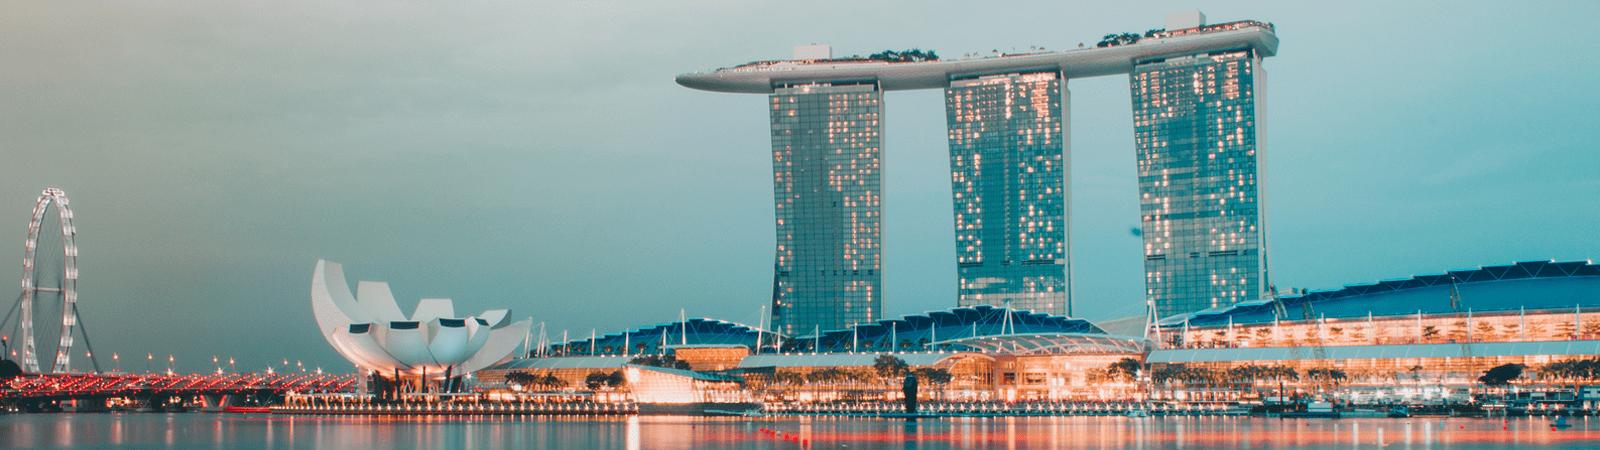 singapore-tours